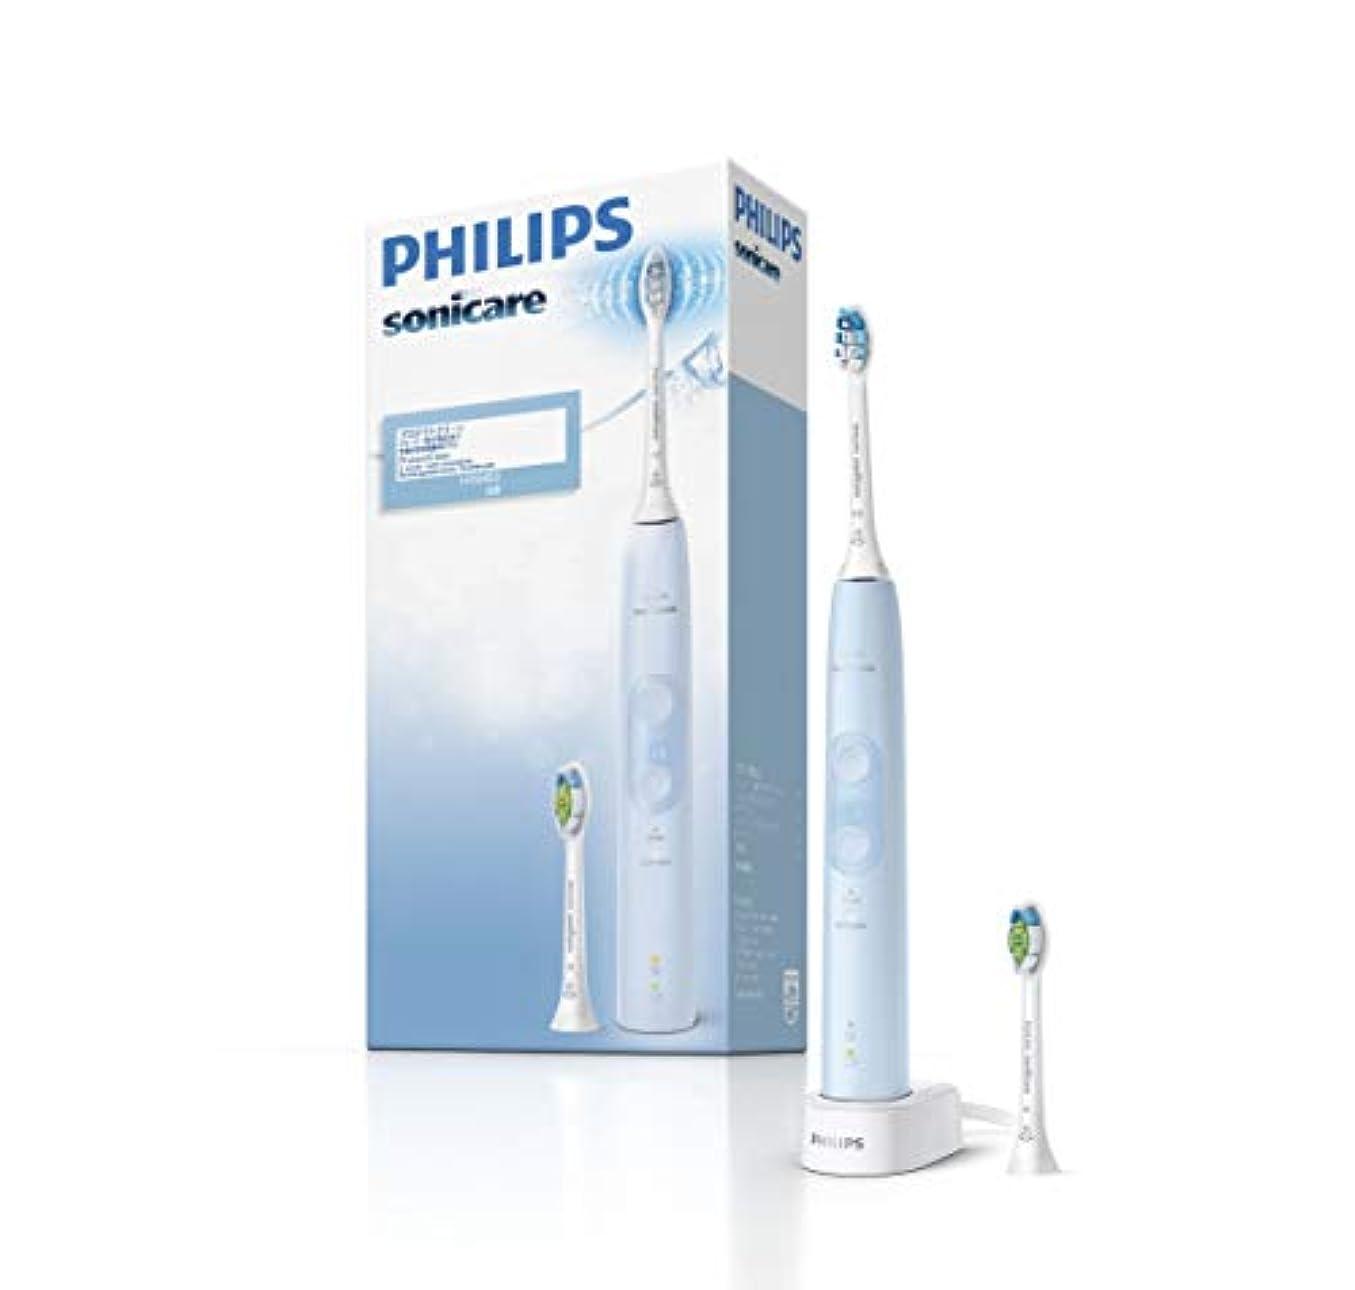 スイングアクセルほとんどの場合フィリップス ソニッケアー プロテクトクリーン プラス 電動歯ブラシ ライトブルー HX6453/68